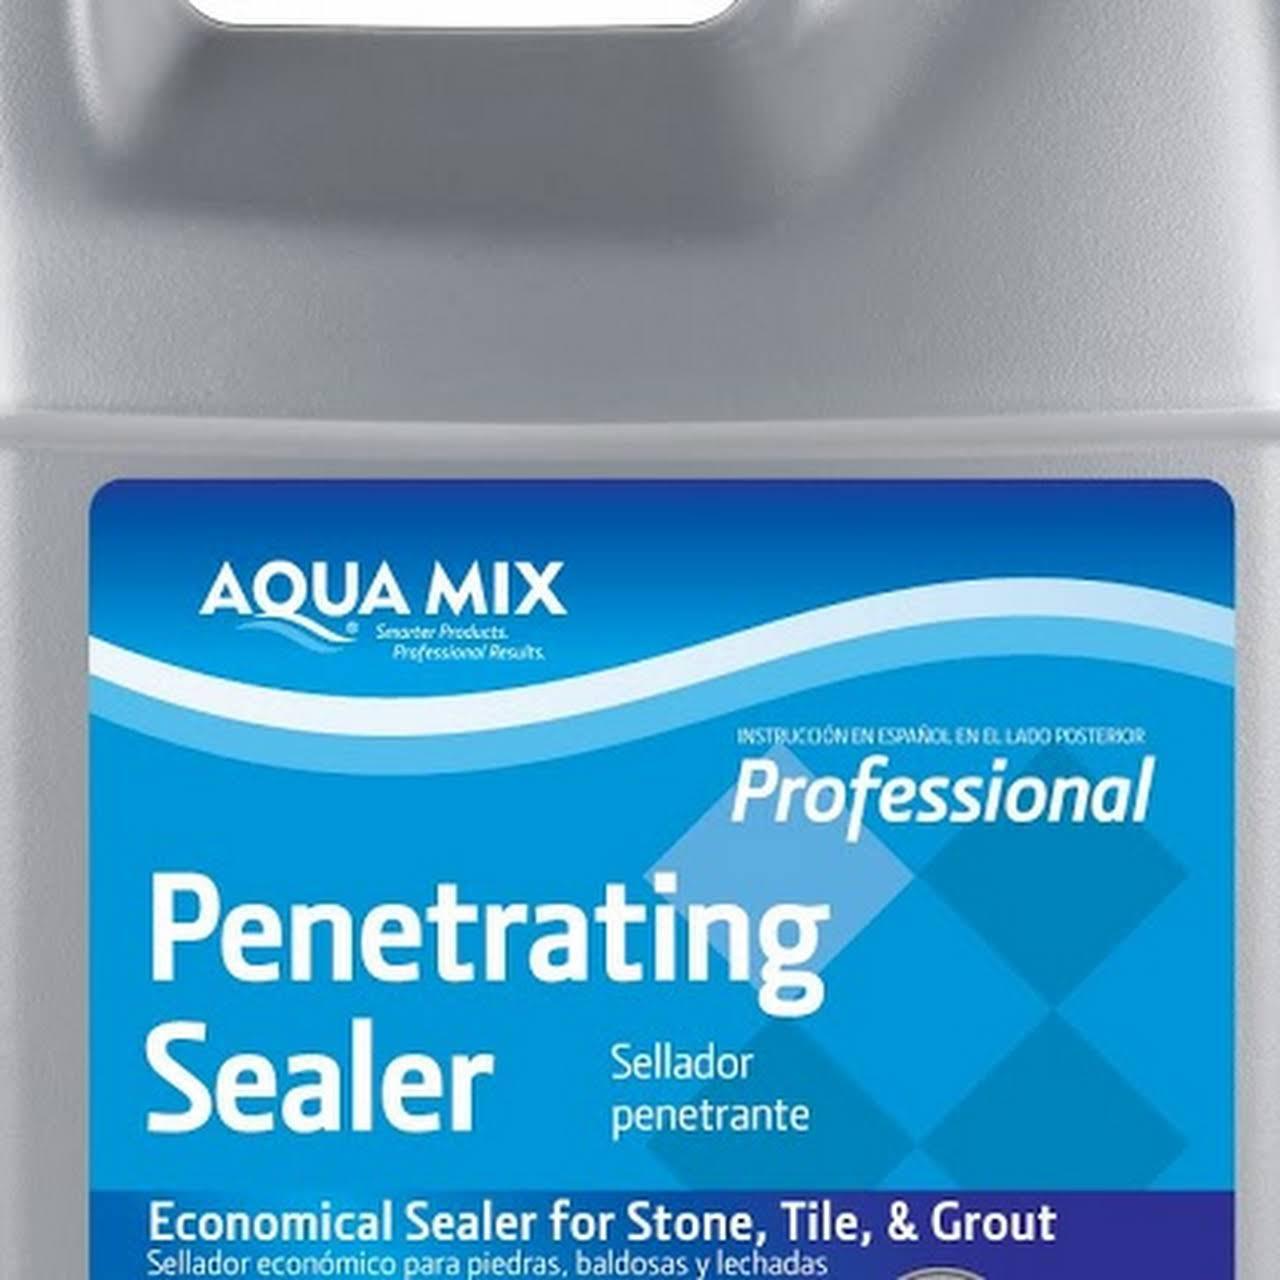 Aquamix | Stone Sealers in India - Stone Sealer in India